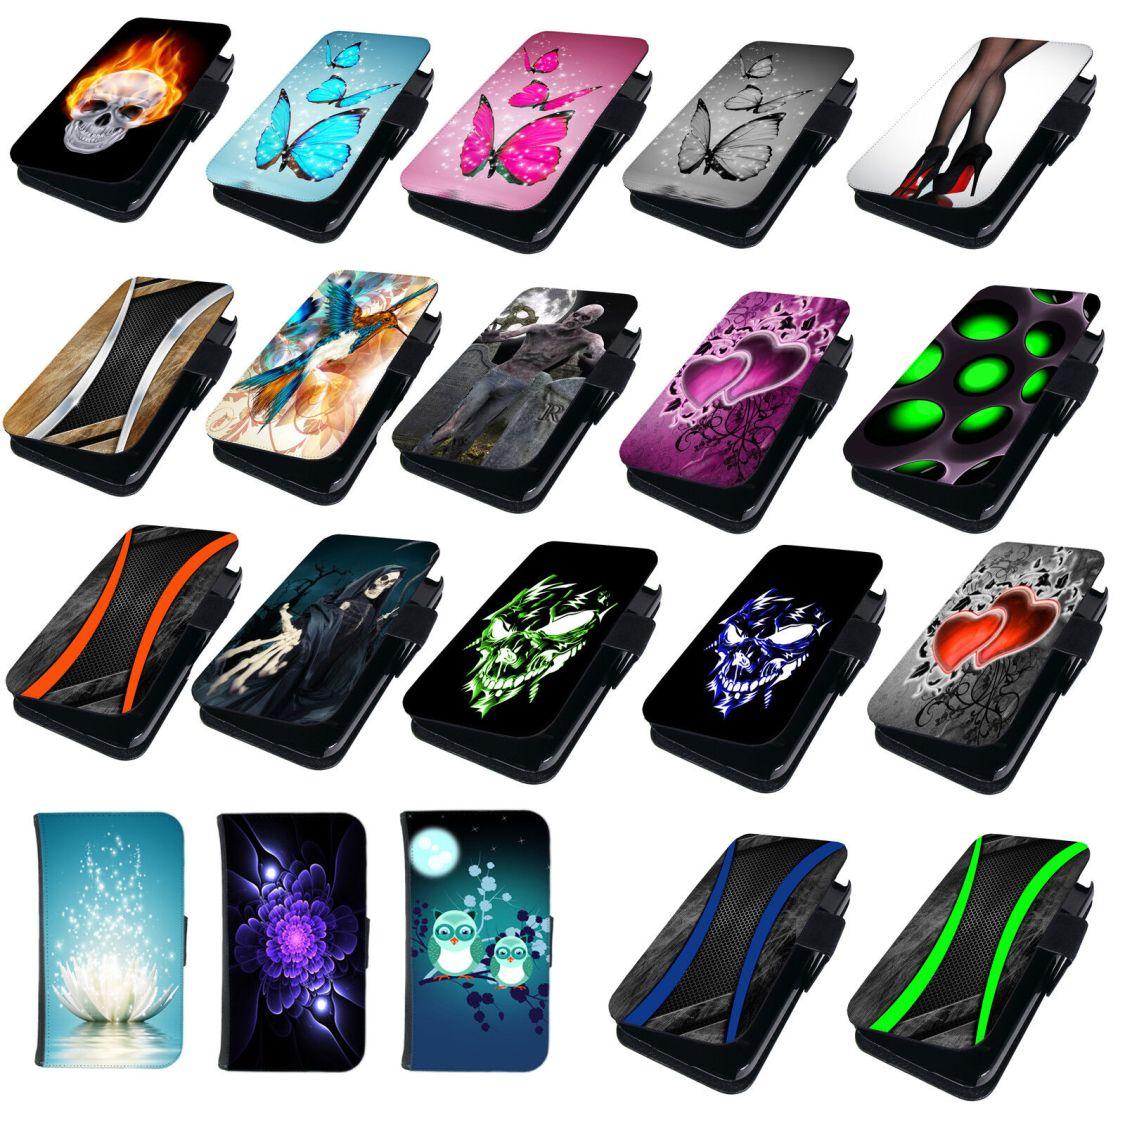 Für Samsung Galaxy S4 Handyhülle Schutz Hülle Handy Tasche Case Cover Etui Motiv